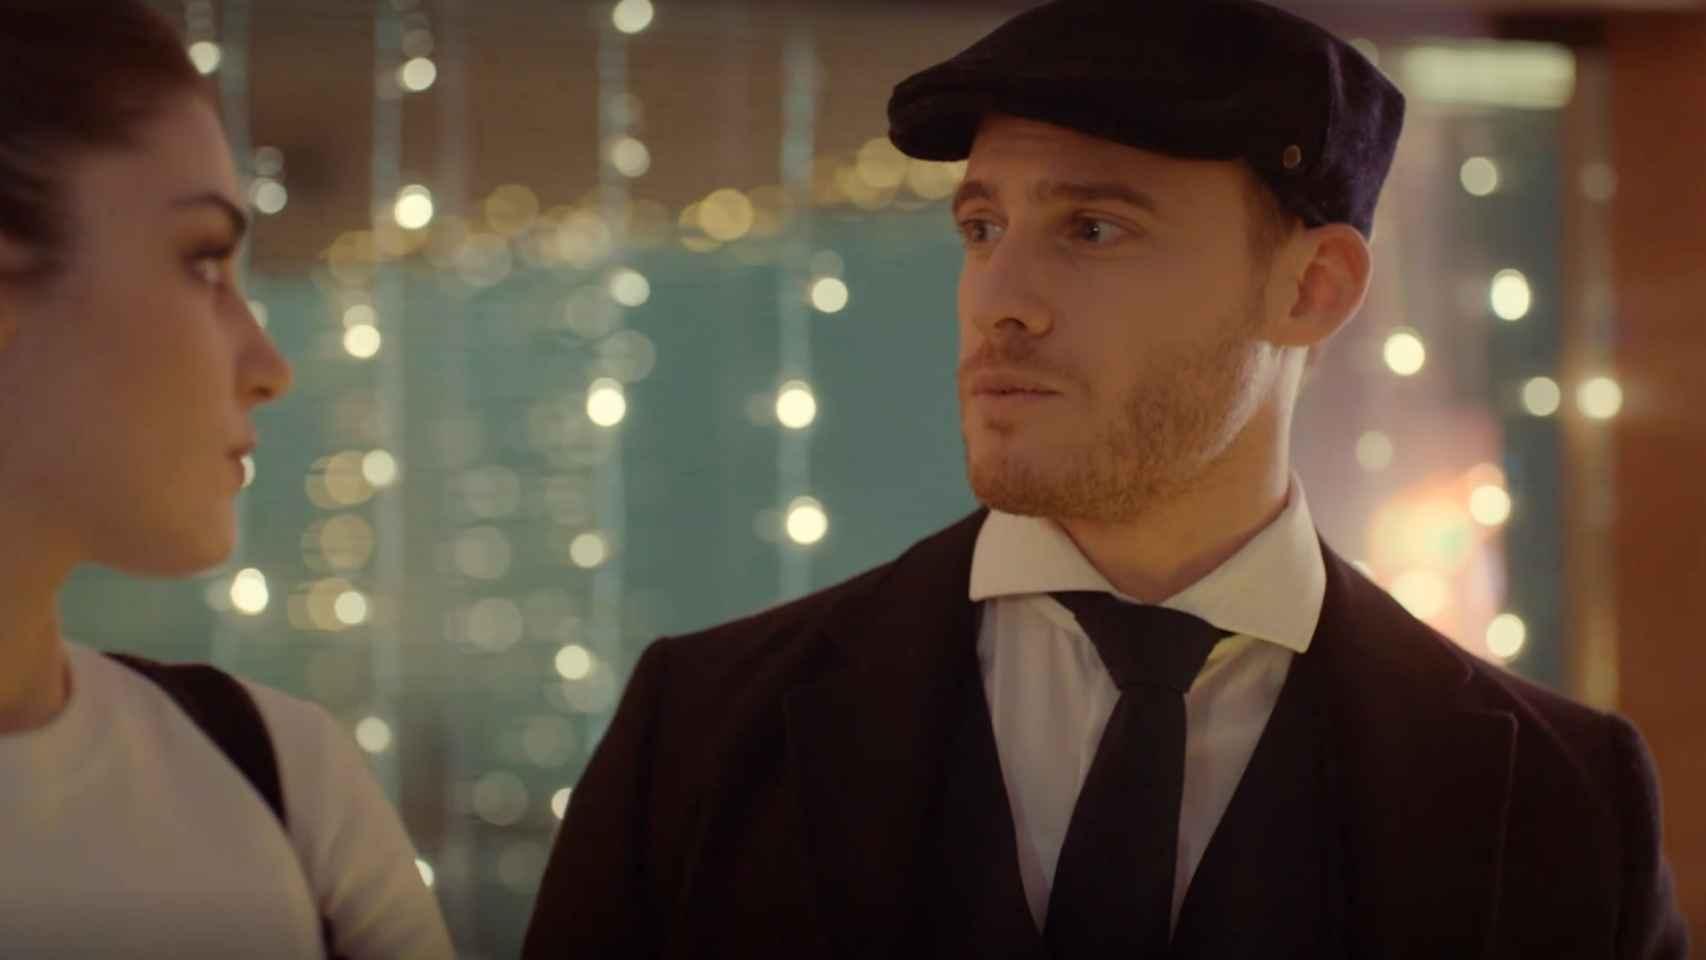 Por qué Telecinco alargó la emisión de 'Love is in the air' y atrasó tanto el estreno de 'El precio justo'